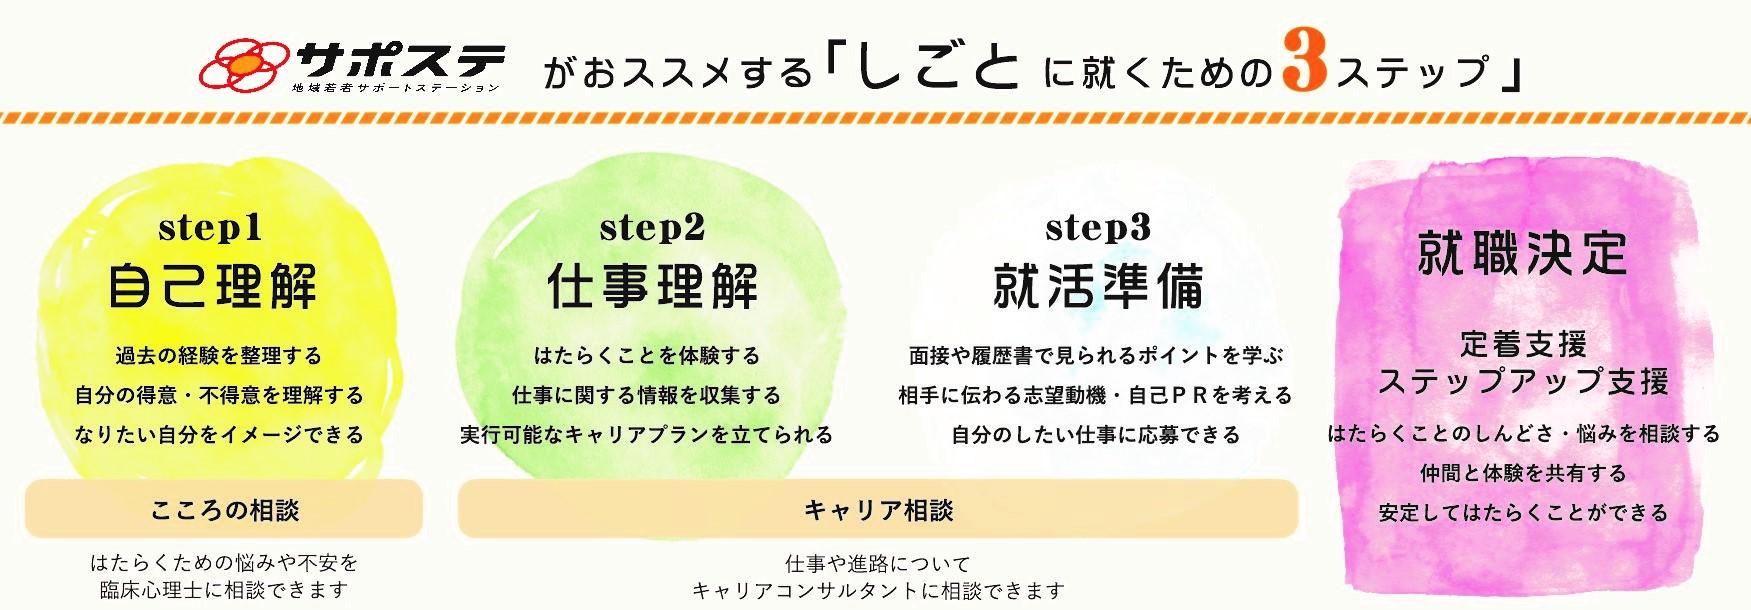 サポステがおススメする「仕事につくための3ステップ」1自己理解2仕事理解3就職準備4就職決定